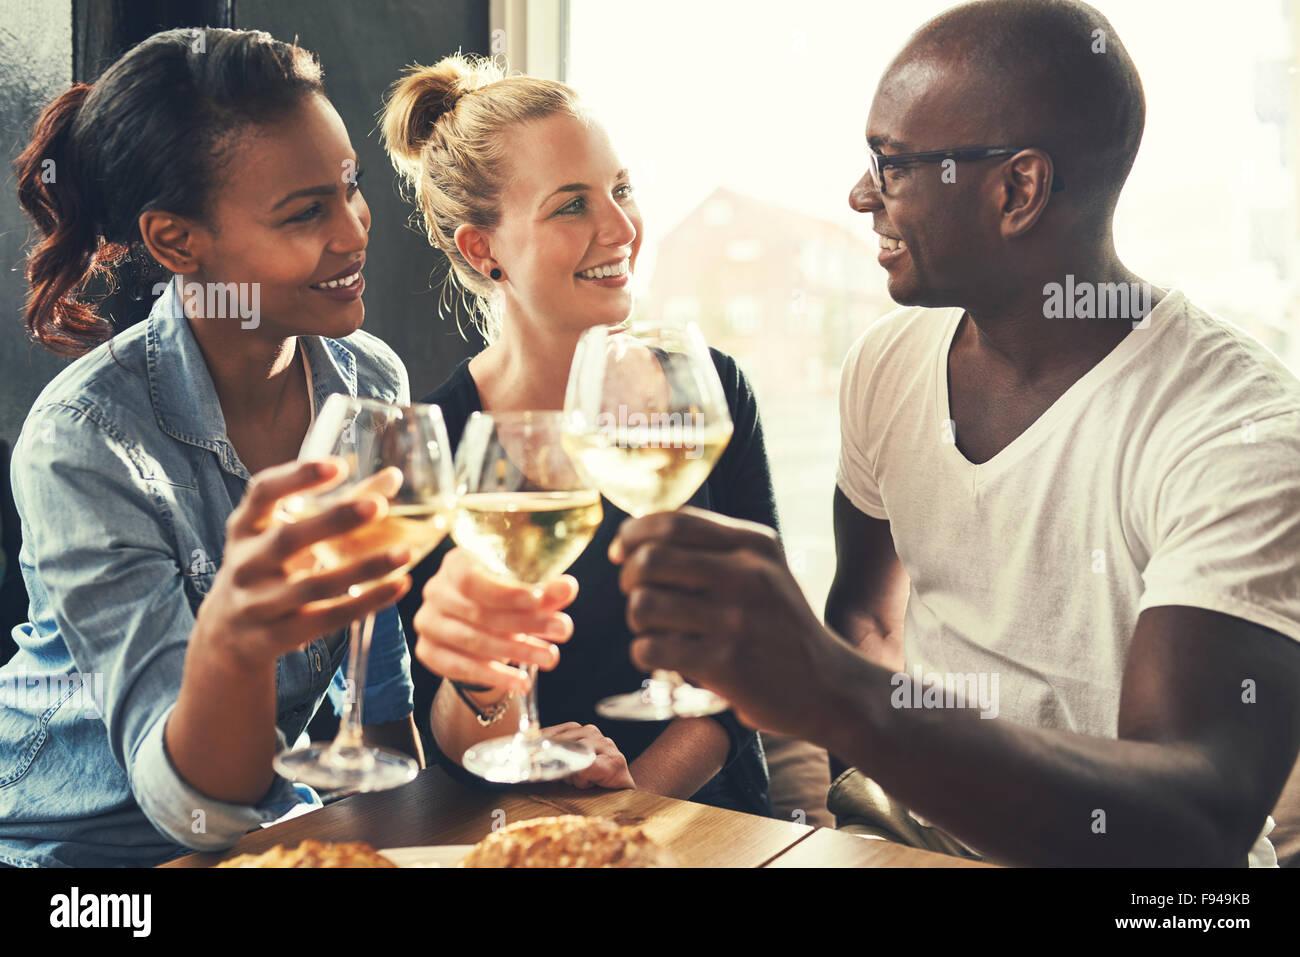 Amis ethniques dans un bar boire du vin et manger des tapas Photo Stock